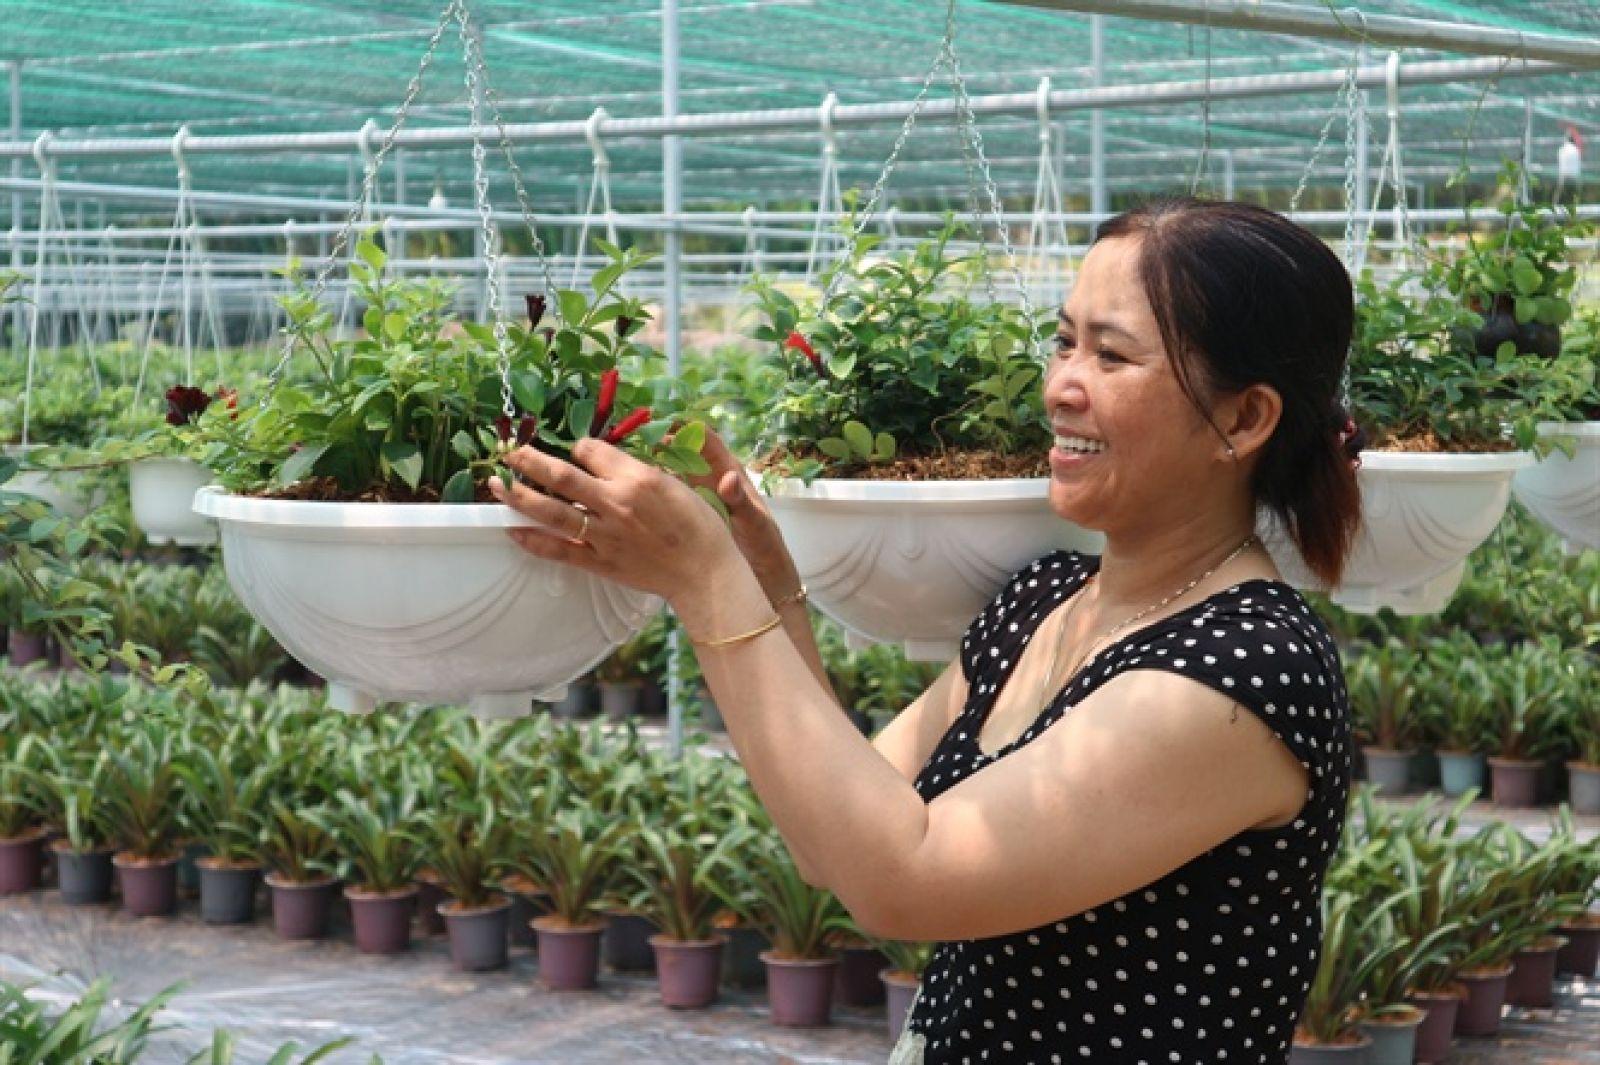 Chị Nguyễn Thị Nga chăm sóc các loại hoa treo (kiểng treo)